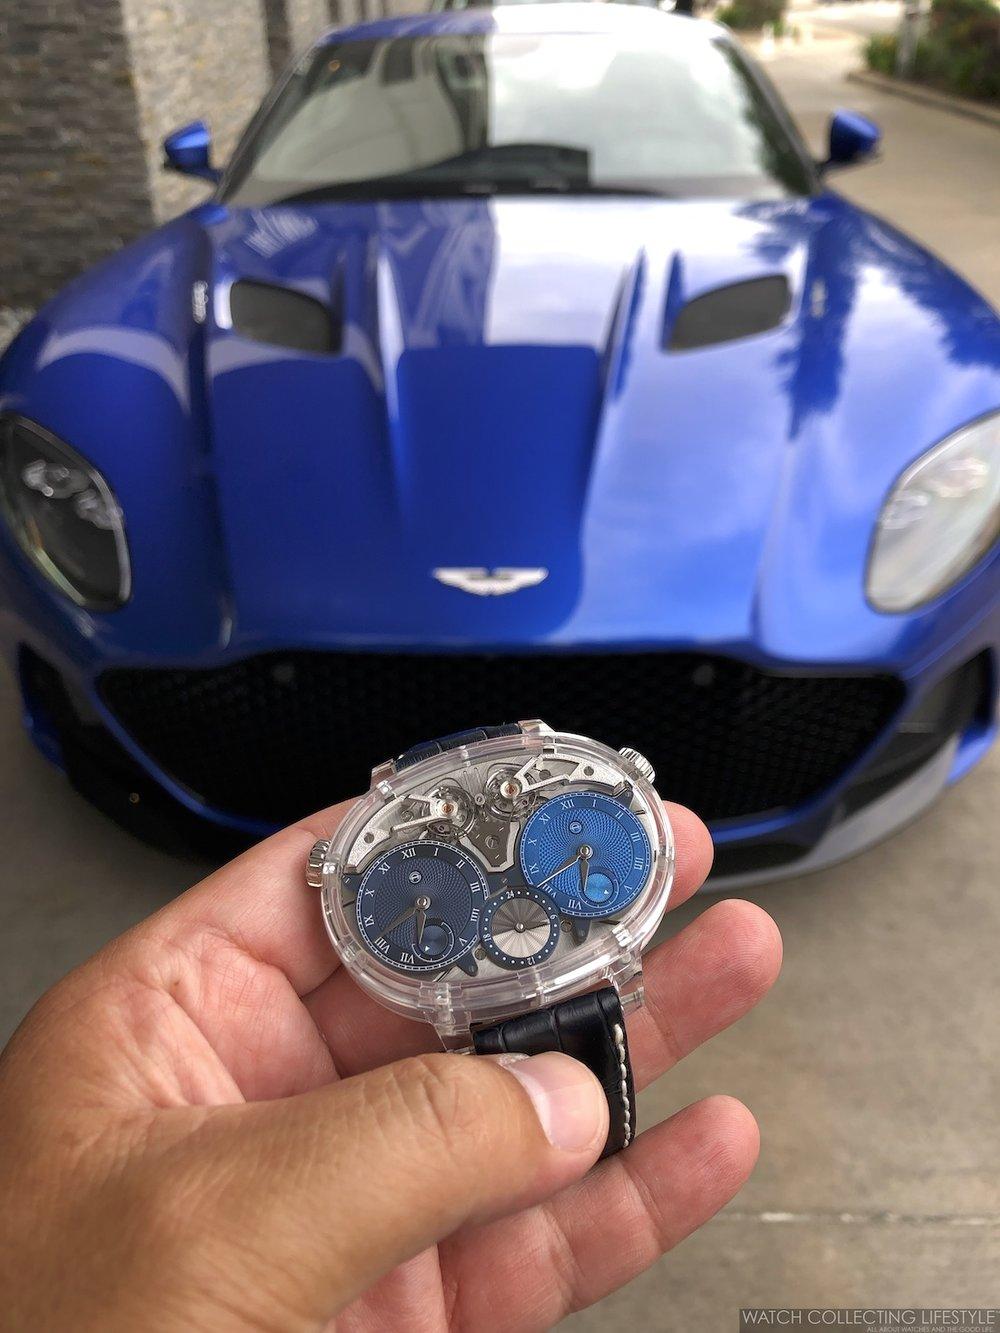 Aston Martin DBS Superleggera and Armin Strom WCL